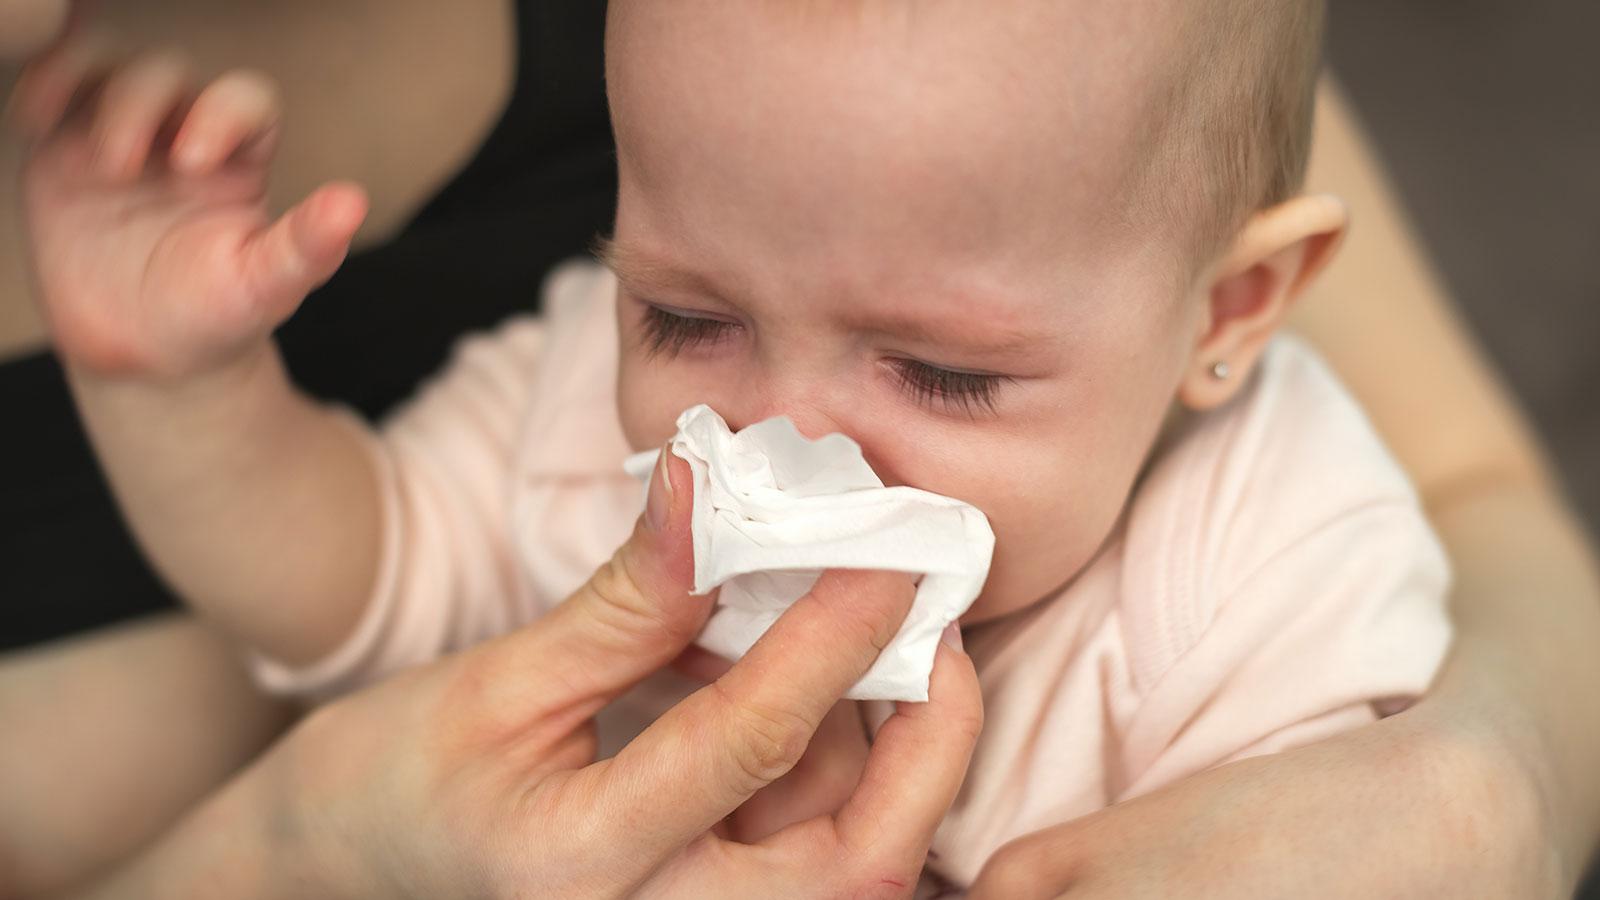 RSV Vaccine in Pregnancy